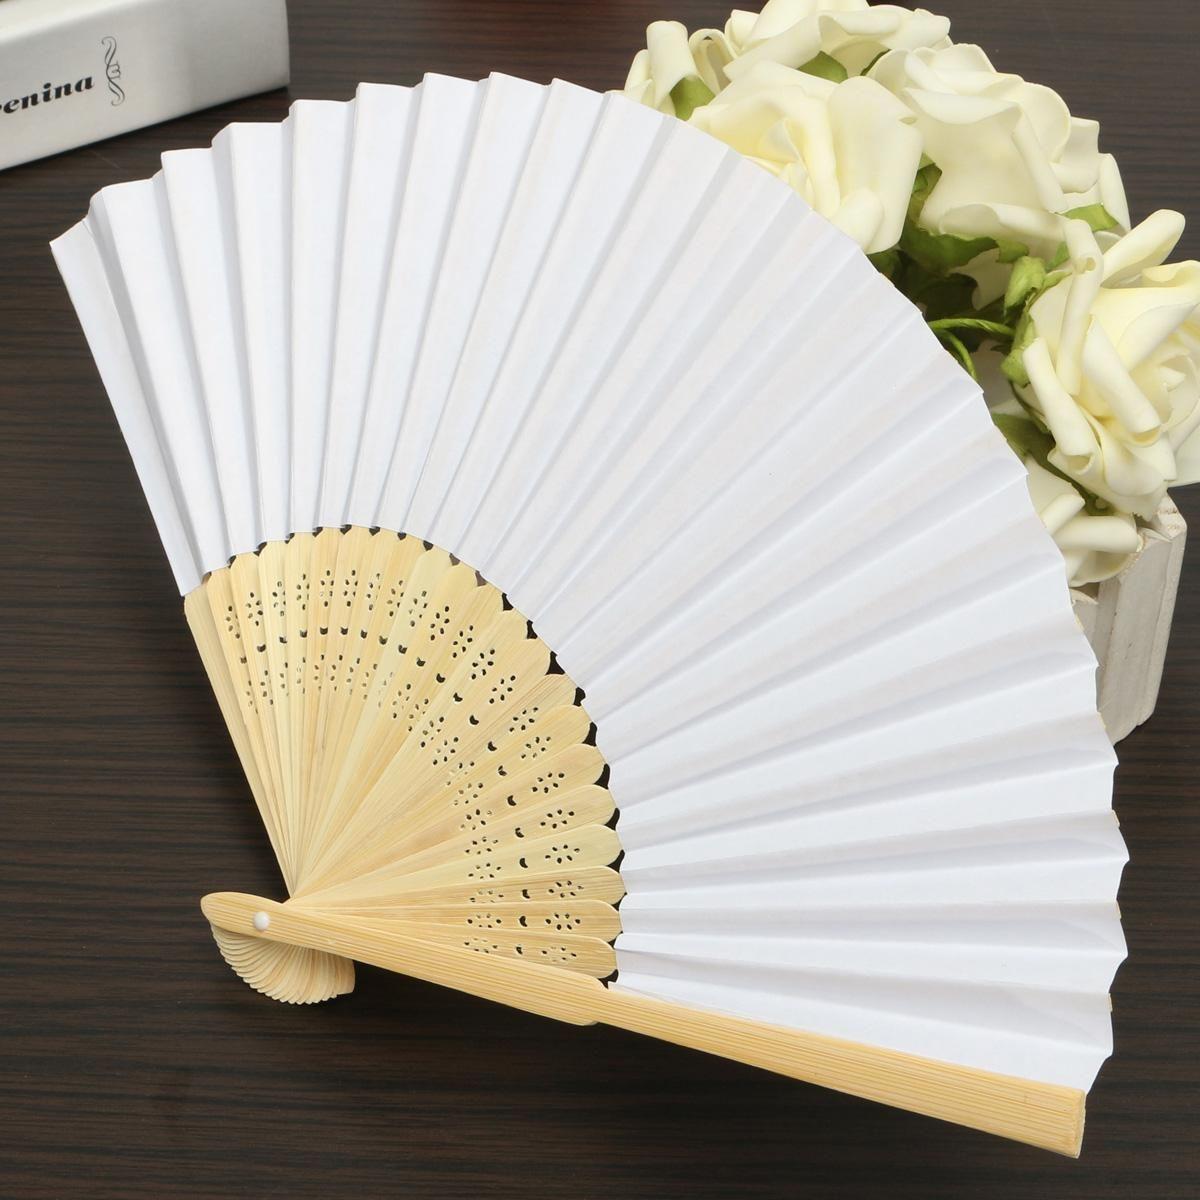 BangGood - Eachine1 Simple Blank DIY Paper Hand Folding Fan Wedding ...